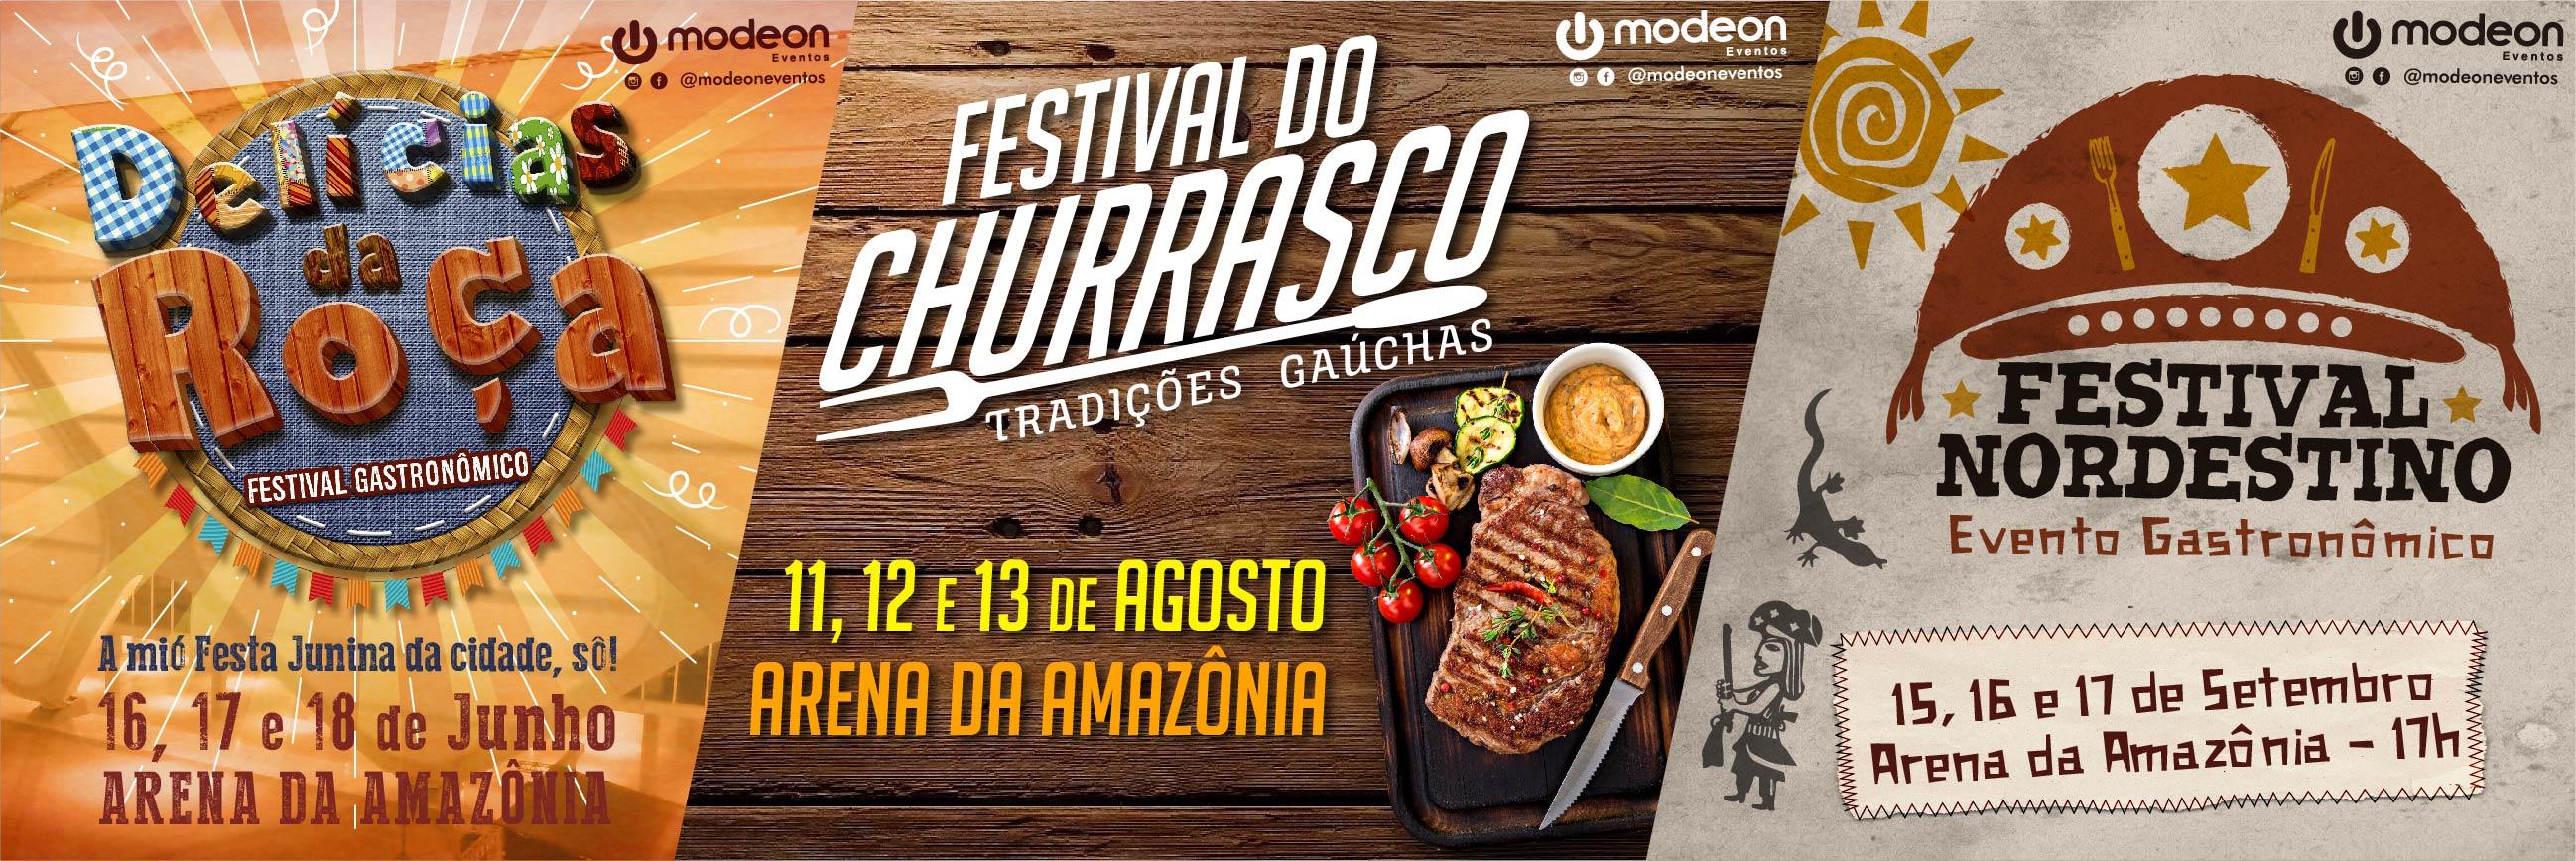 ROÇA churrasco e nordestino – banner site – MAR2017-01